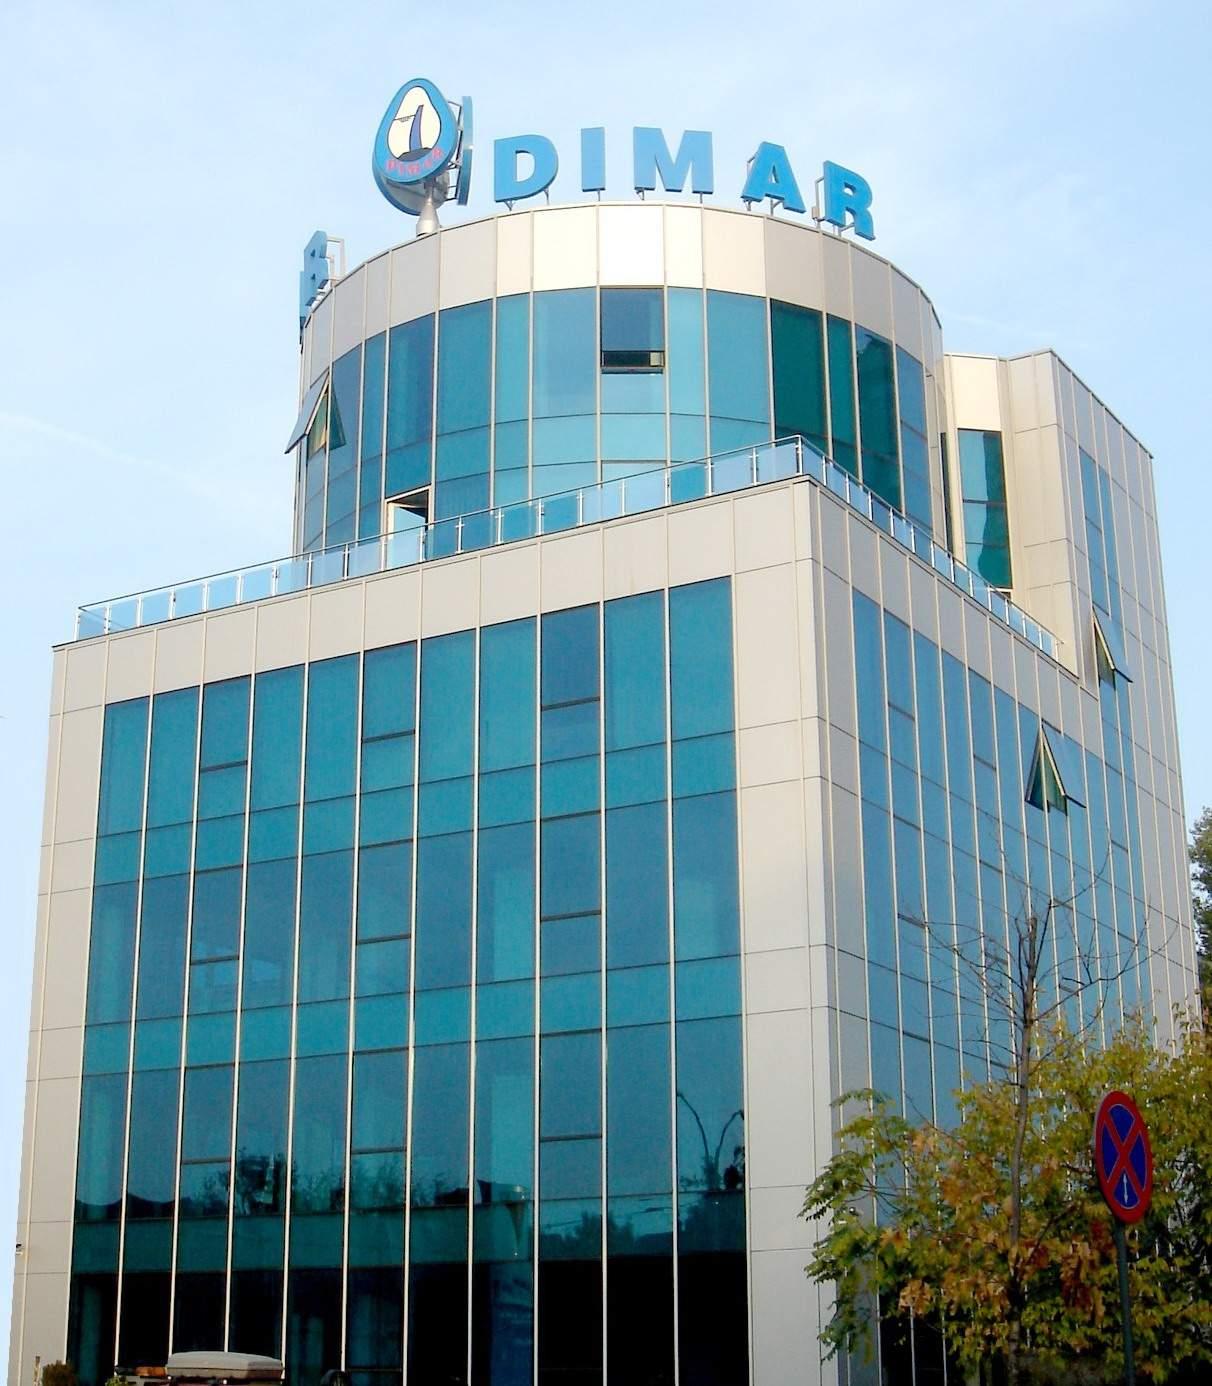 Sediu Dimar